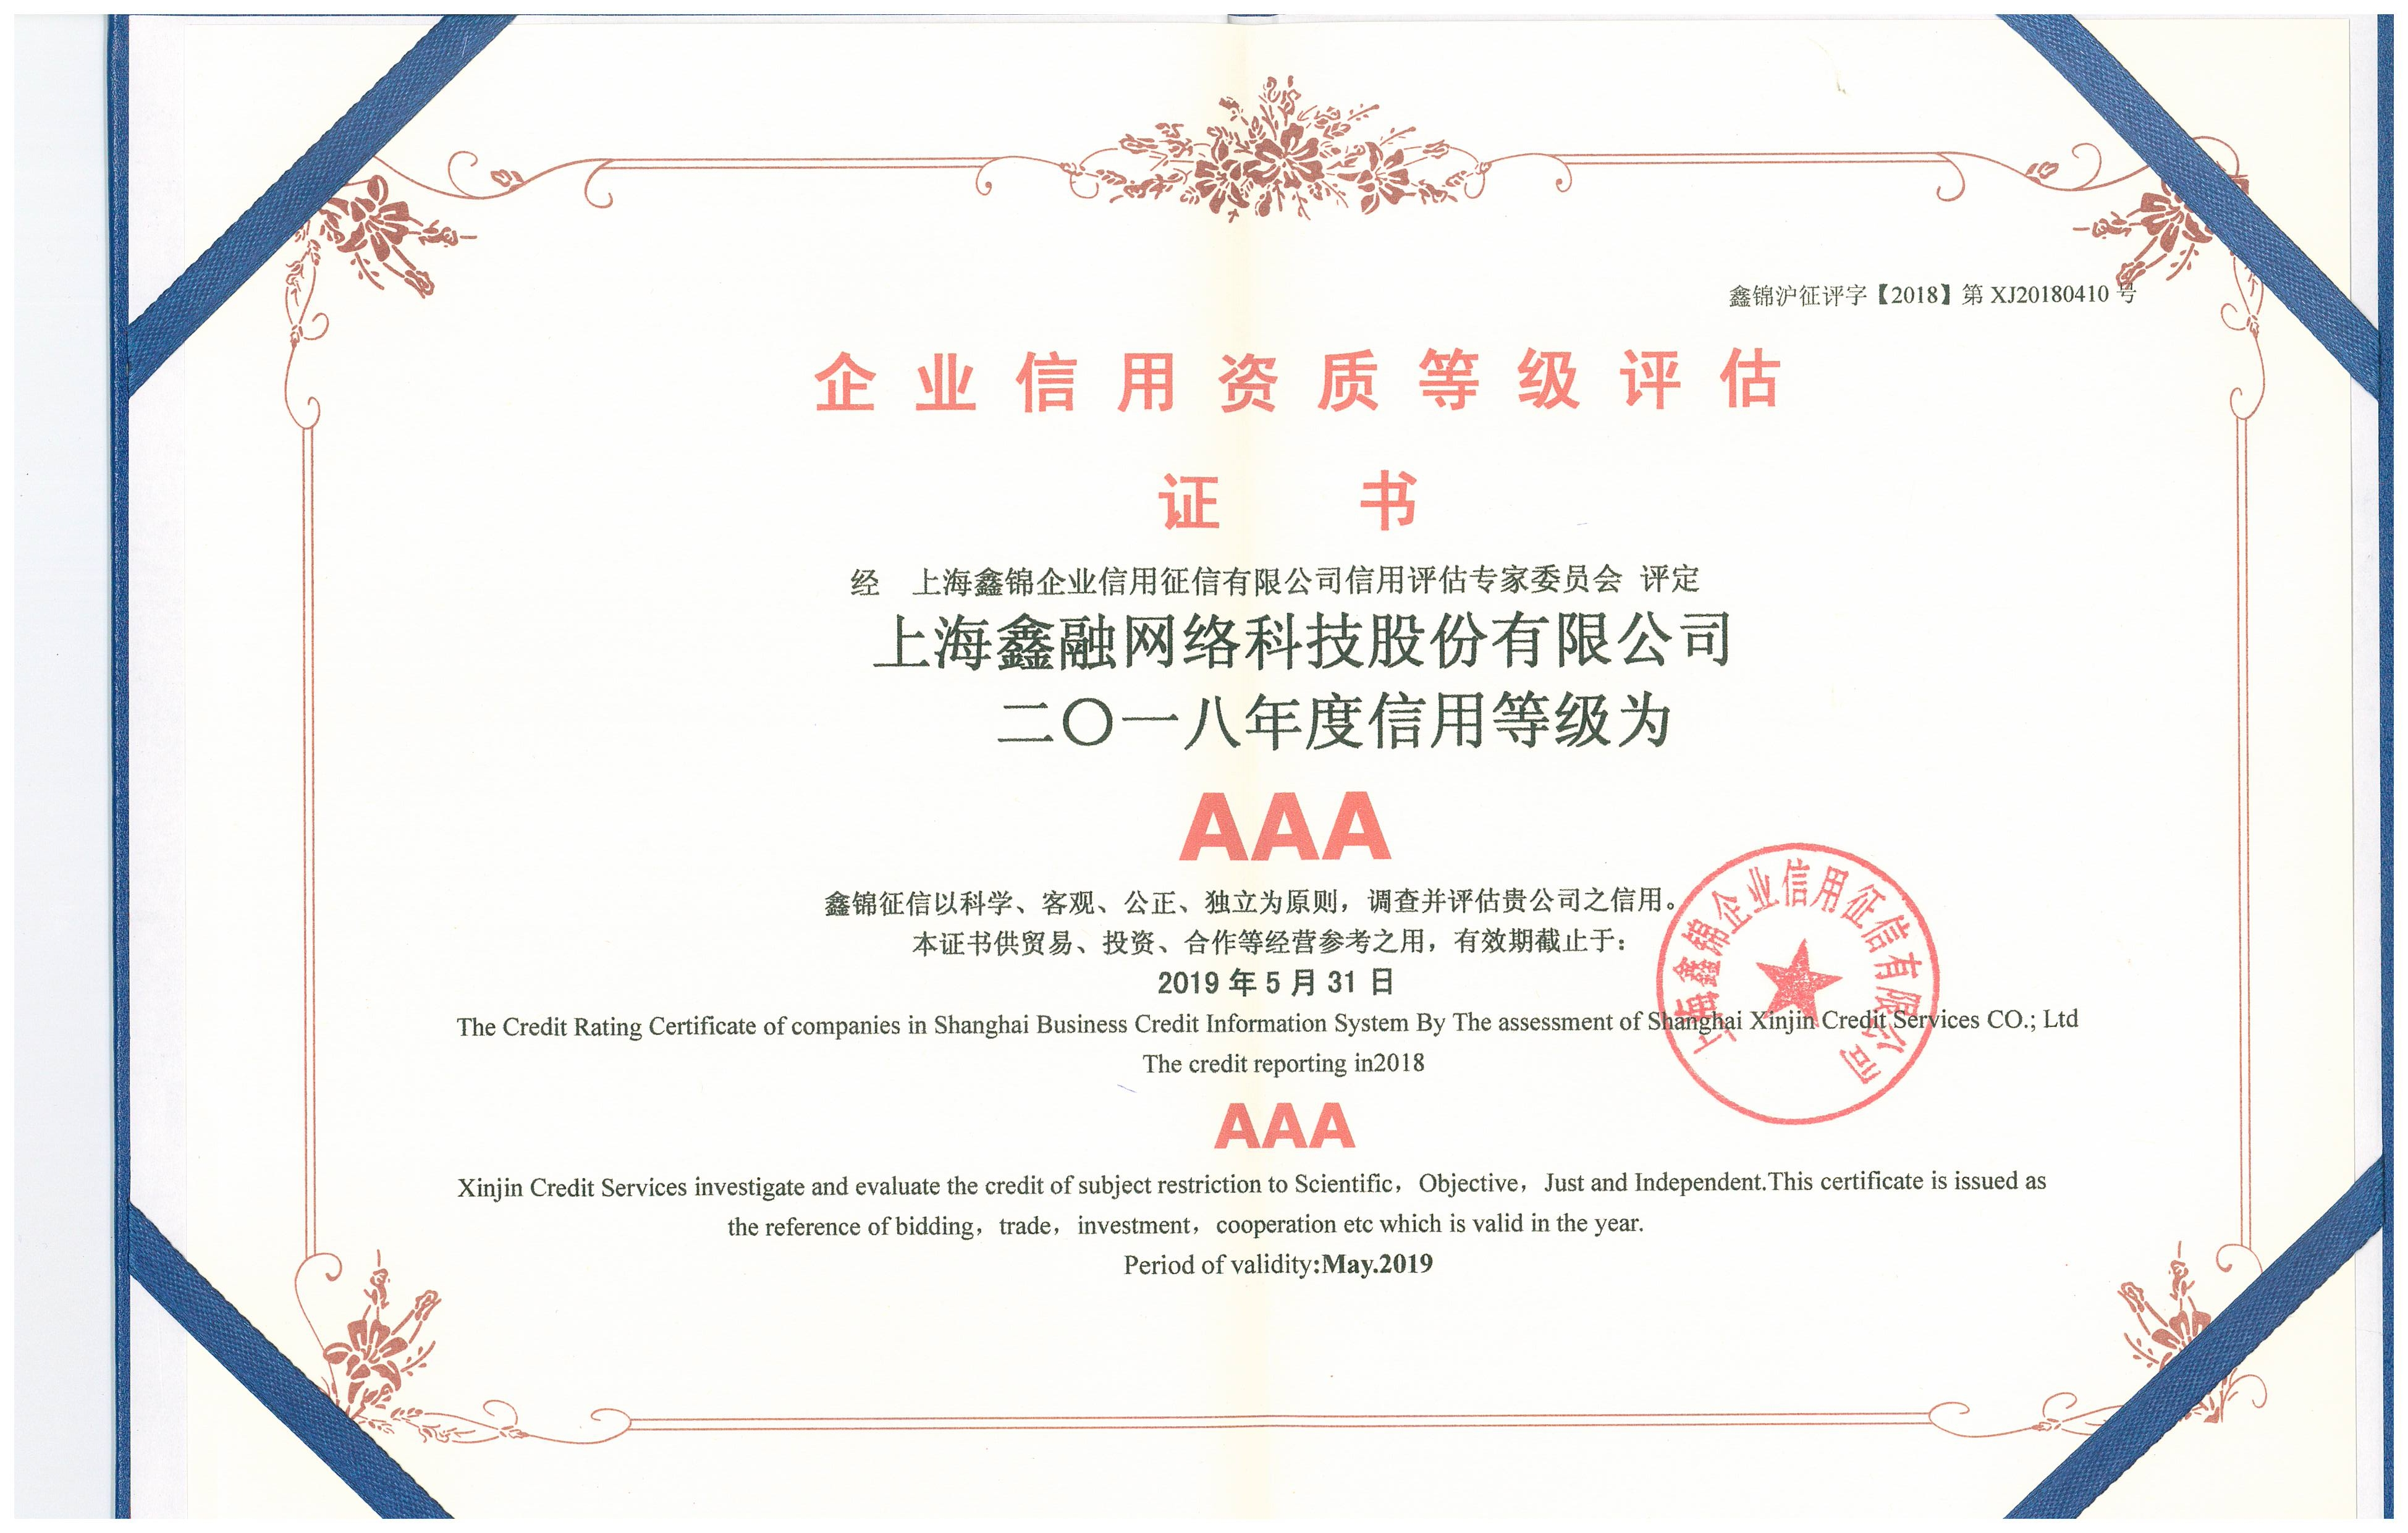 鑫融網絡2018年AAA等級證書